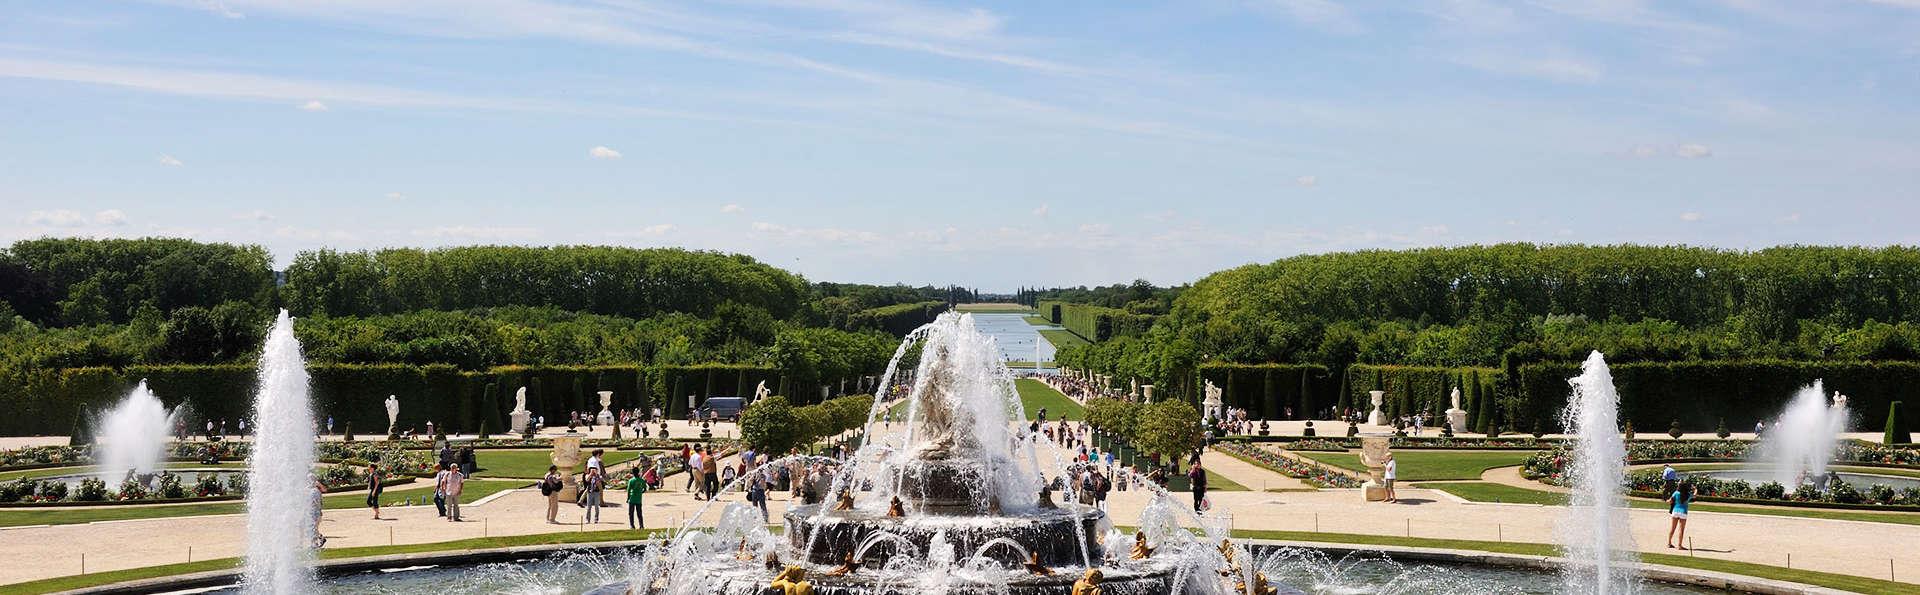 ¡Visitad Versalles con toda tranquilidad! Escapada con acceso al palacio y al espectáculo de las Grandes aguas musicales